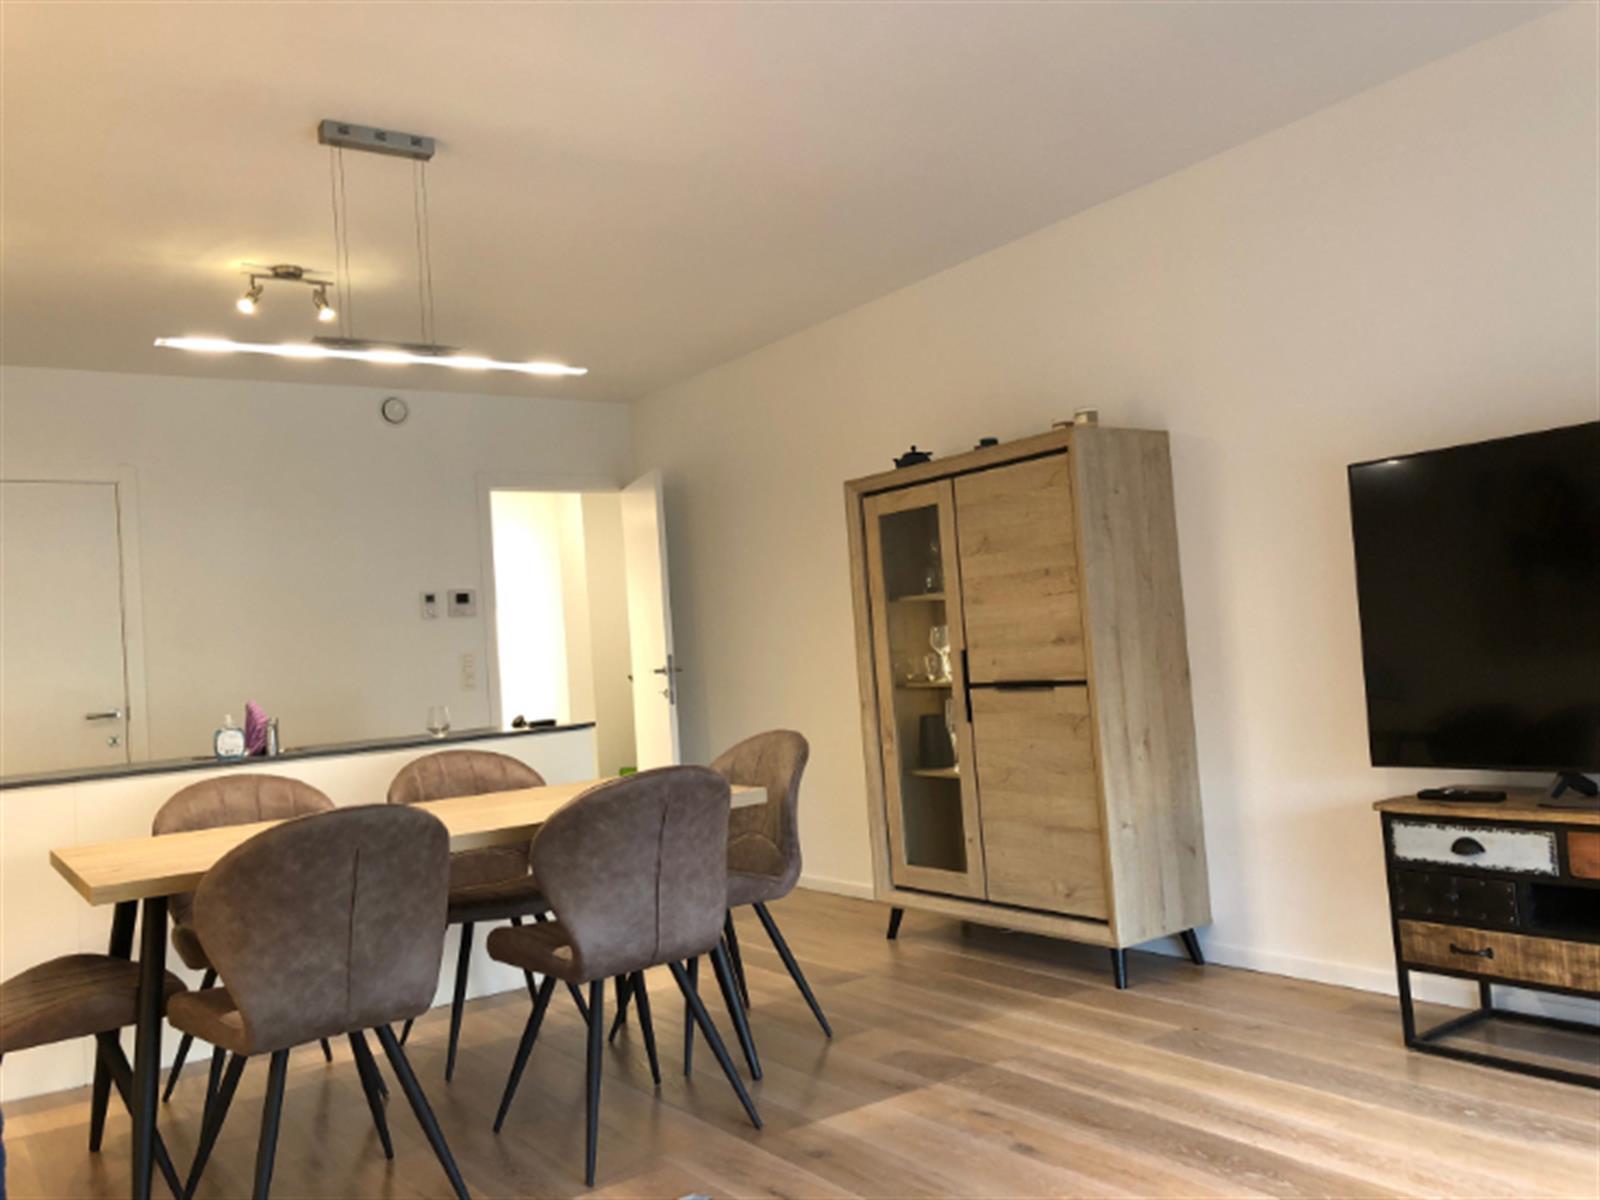 Appartement - Etterbeek - #4354863-2